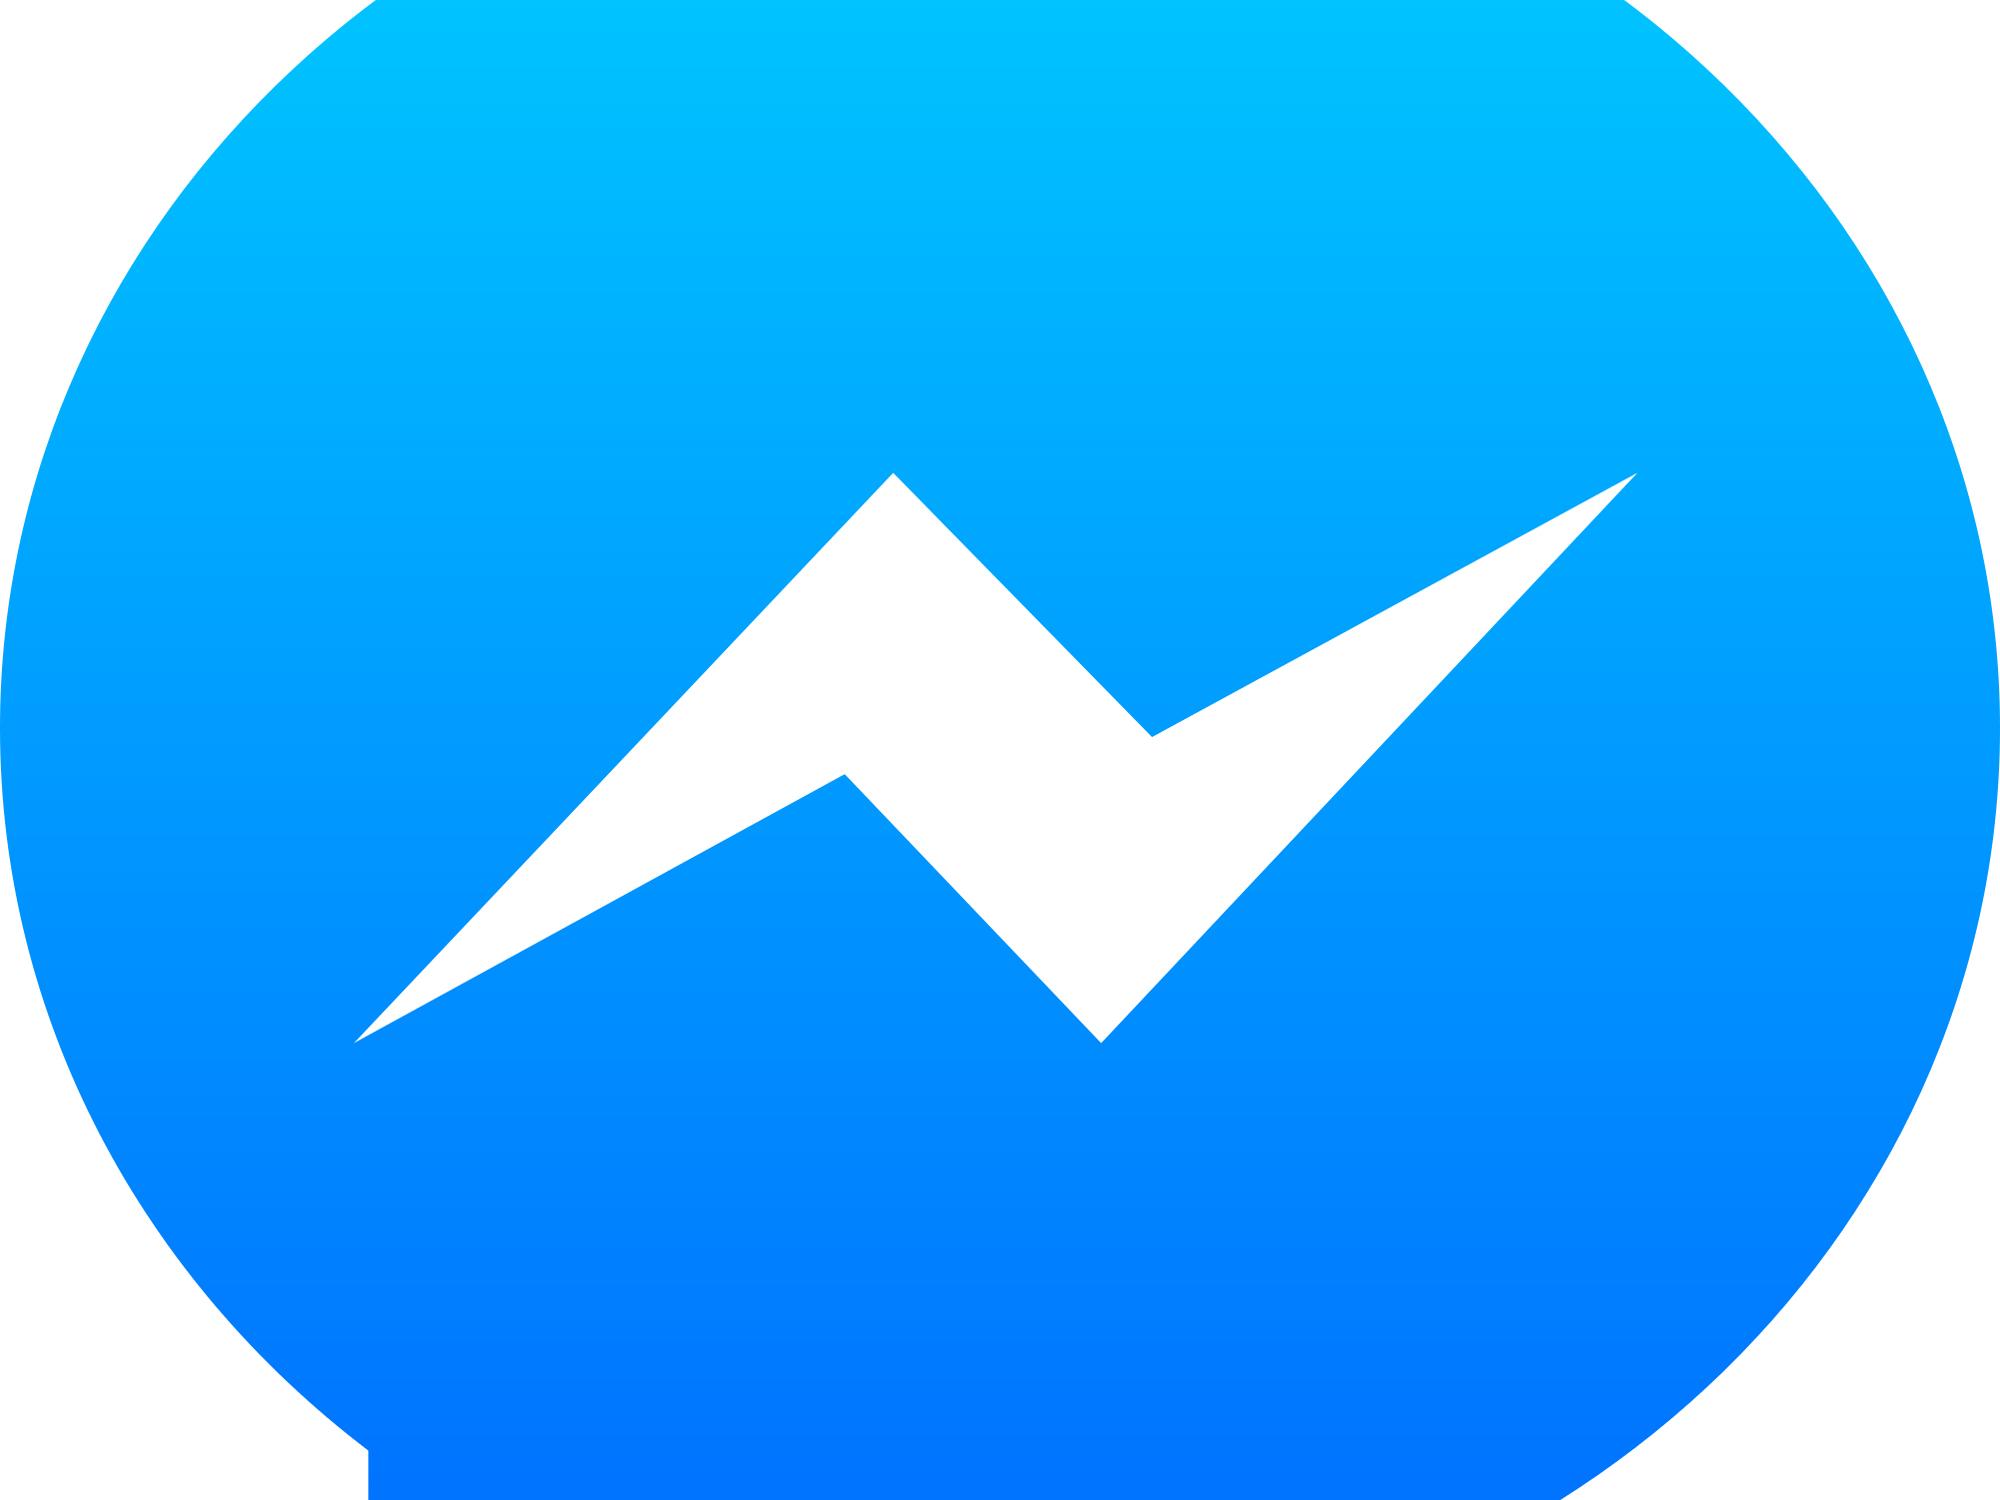 Fecebook Messenger ajoute des fonctions pour les entreprises - Agence Sharing